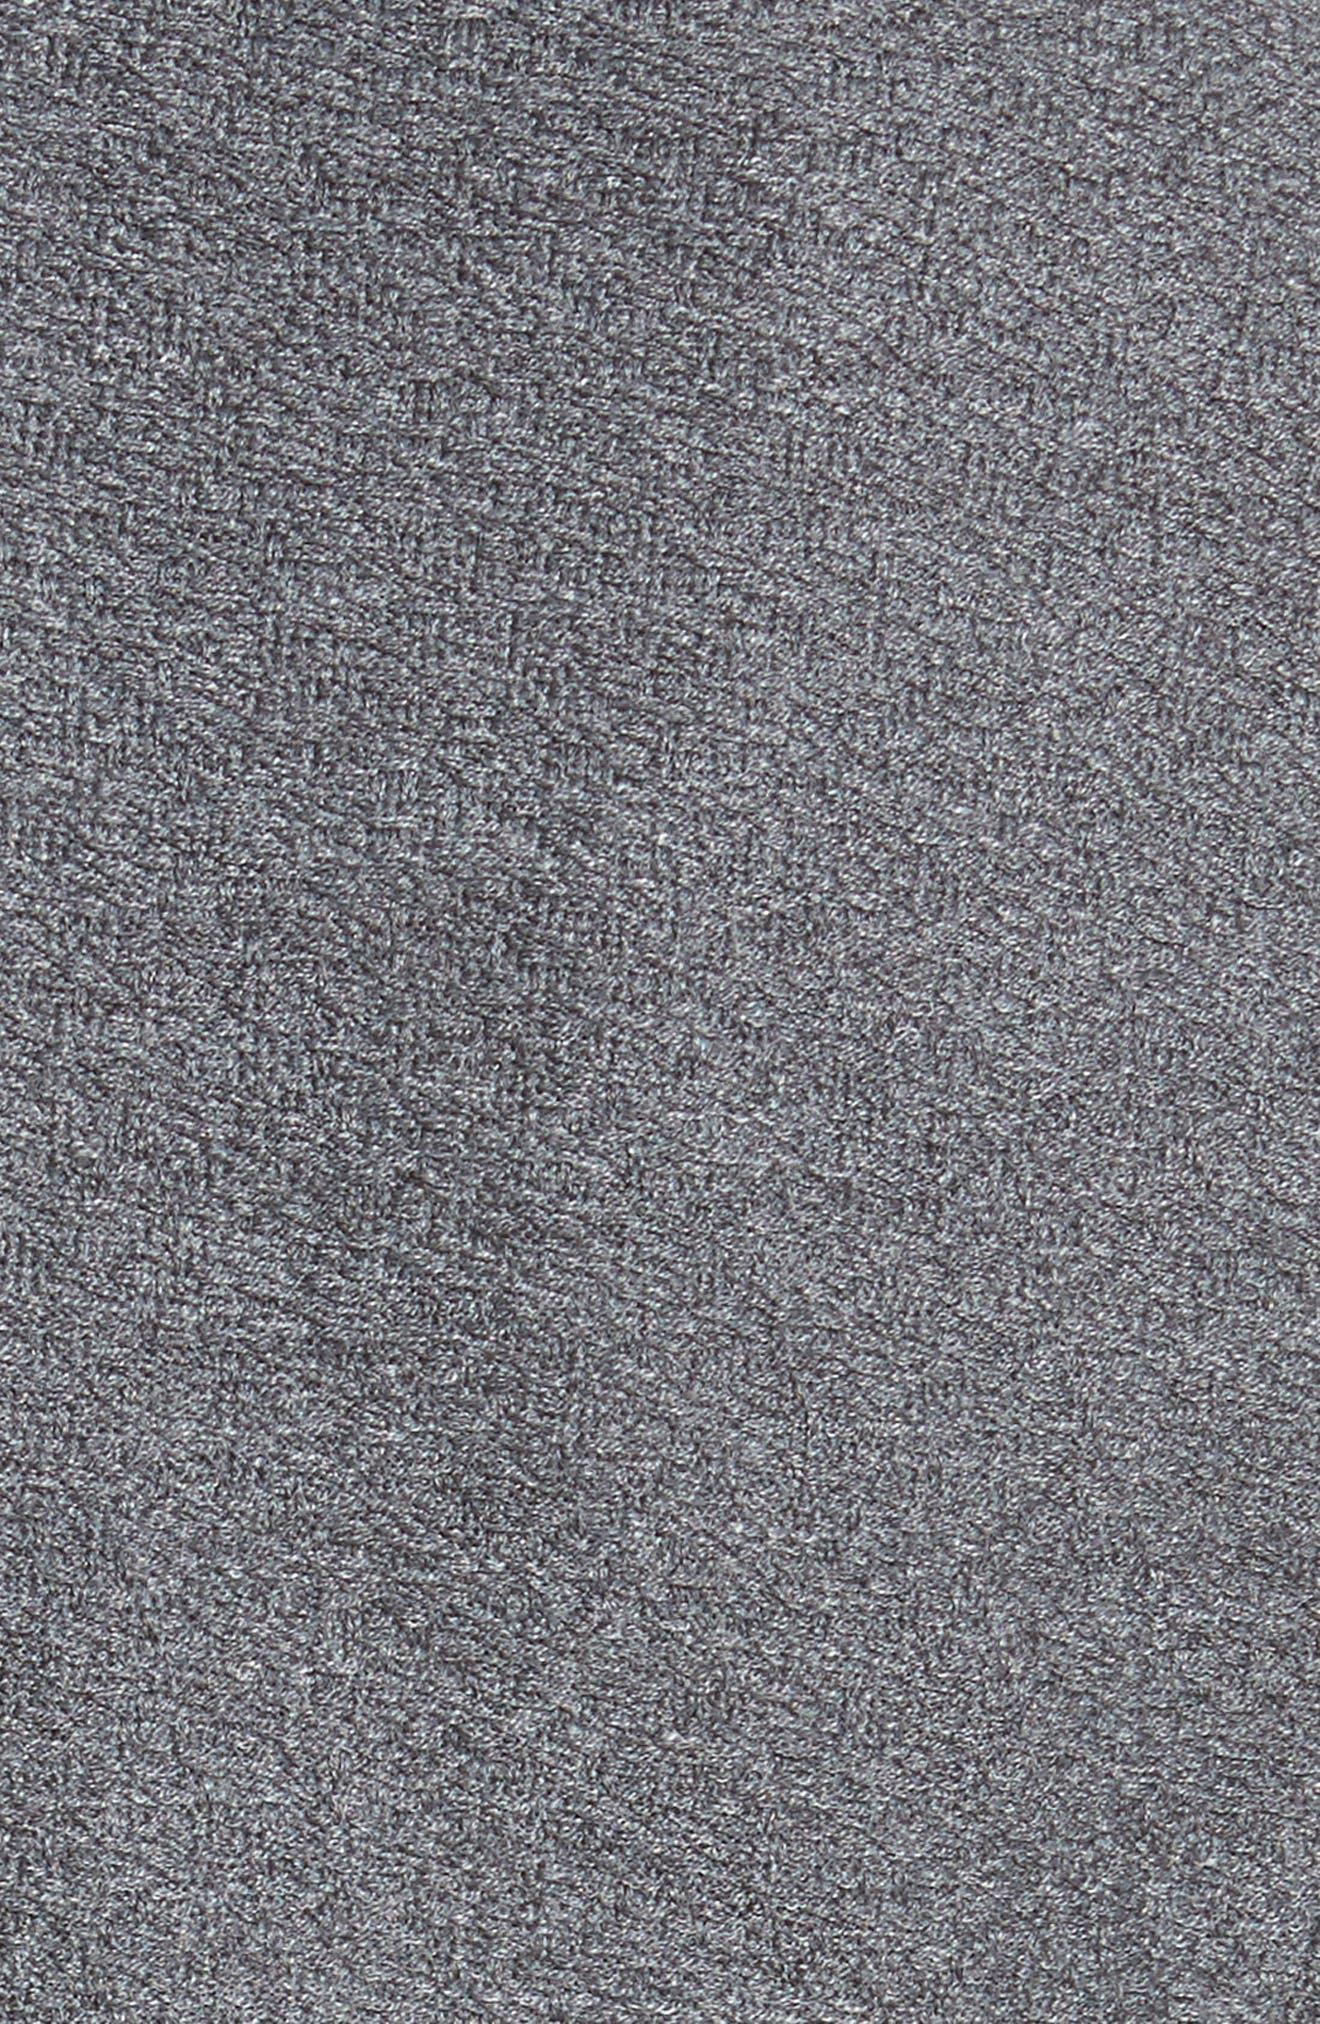 Clair Grommet Detail Knit Jacket,                             Alternate thumbnail 6, color,                             Flint